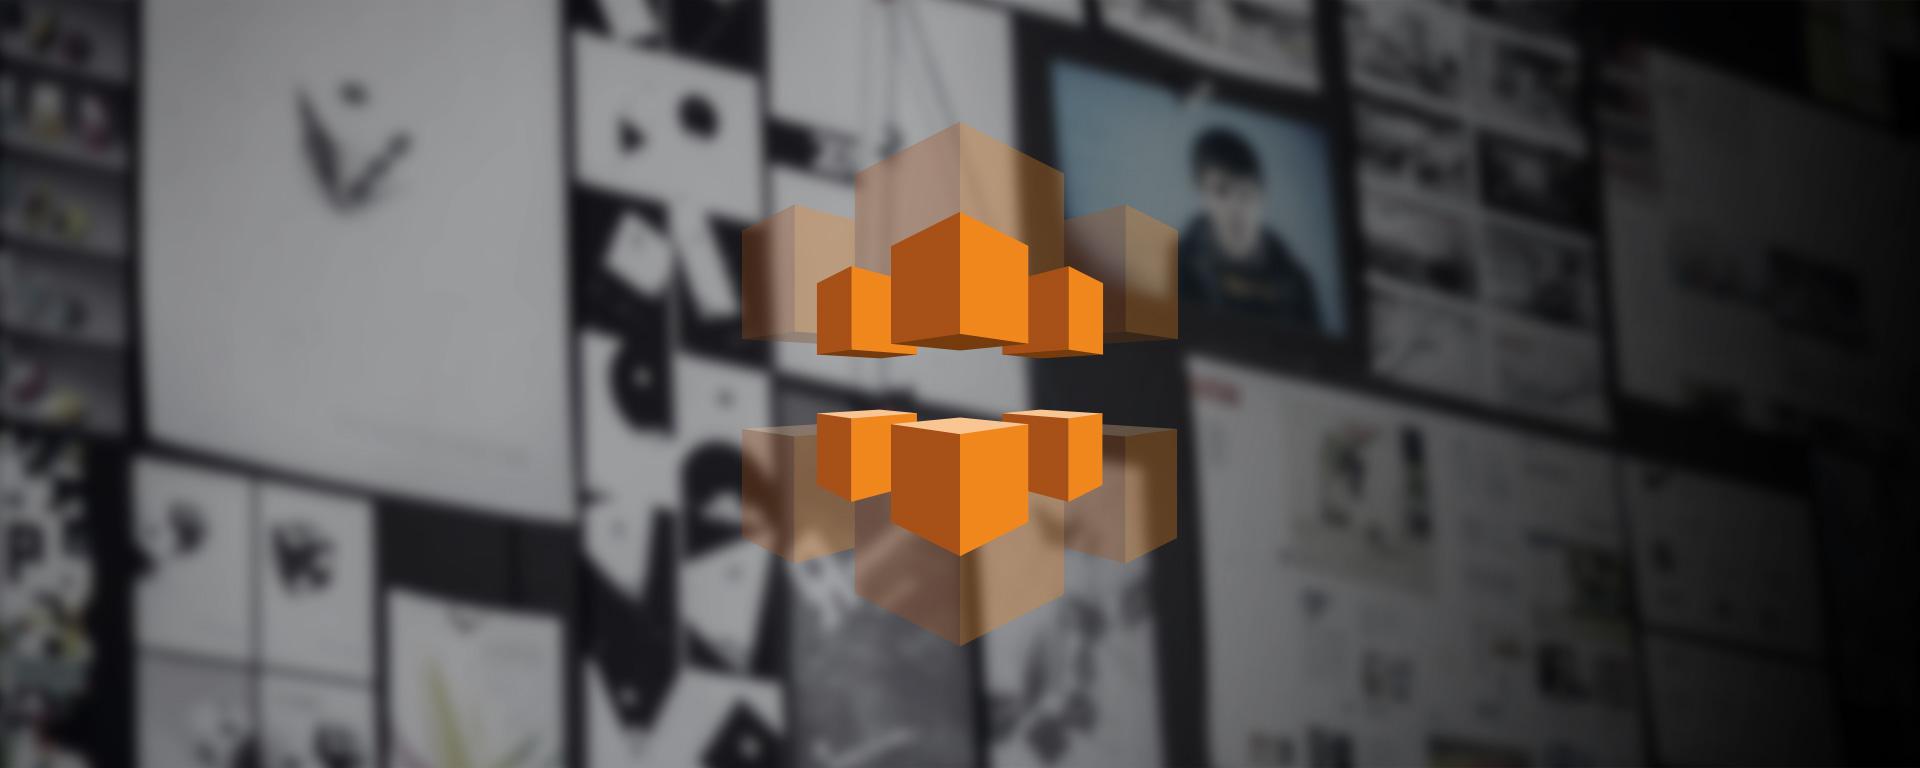 AWS CloudFront を使って Webサービスにおける画像のセキュア環境を構築した